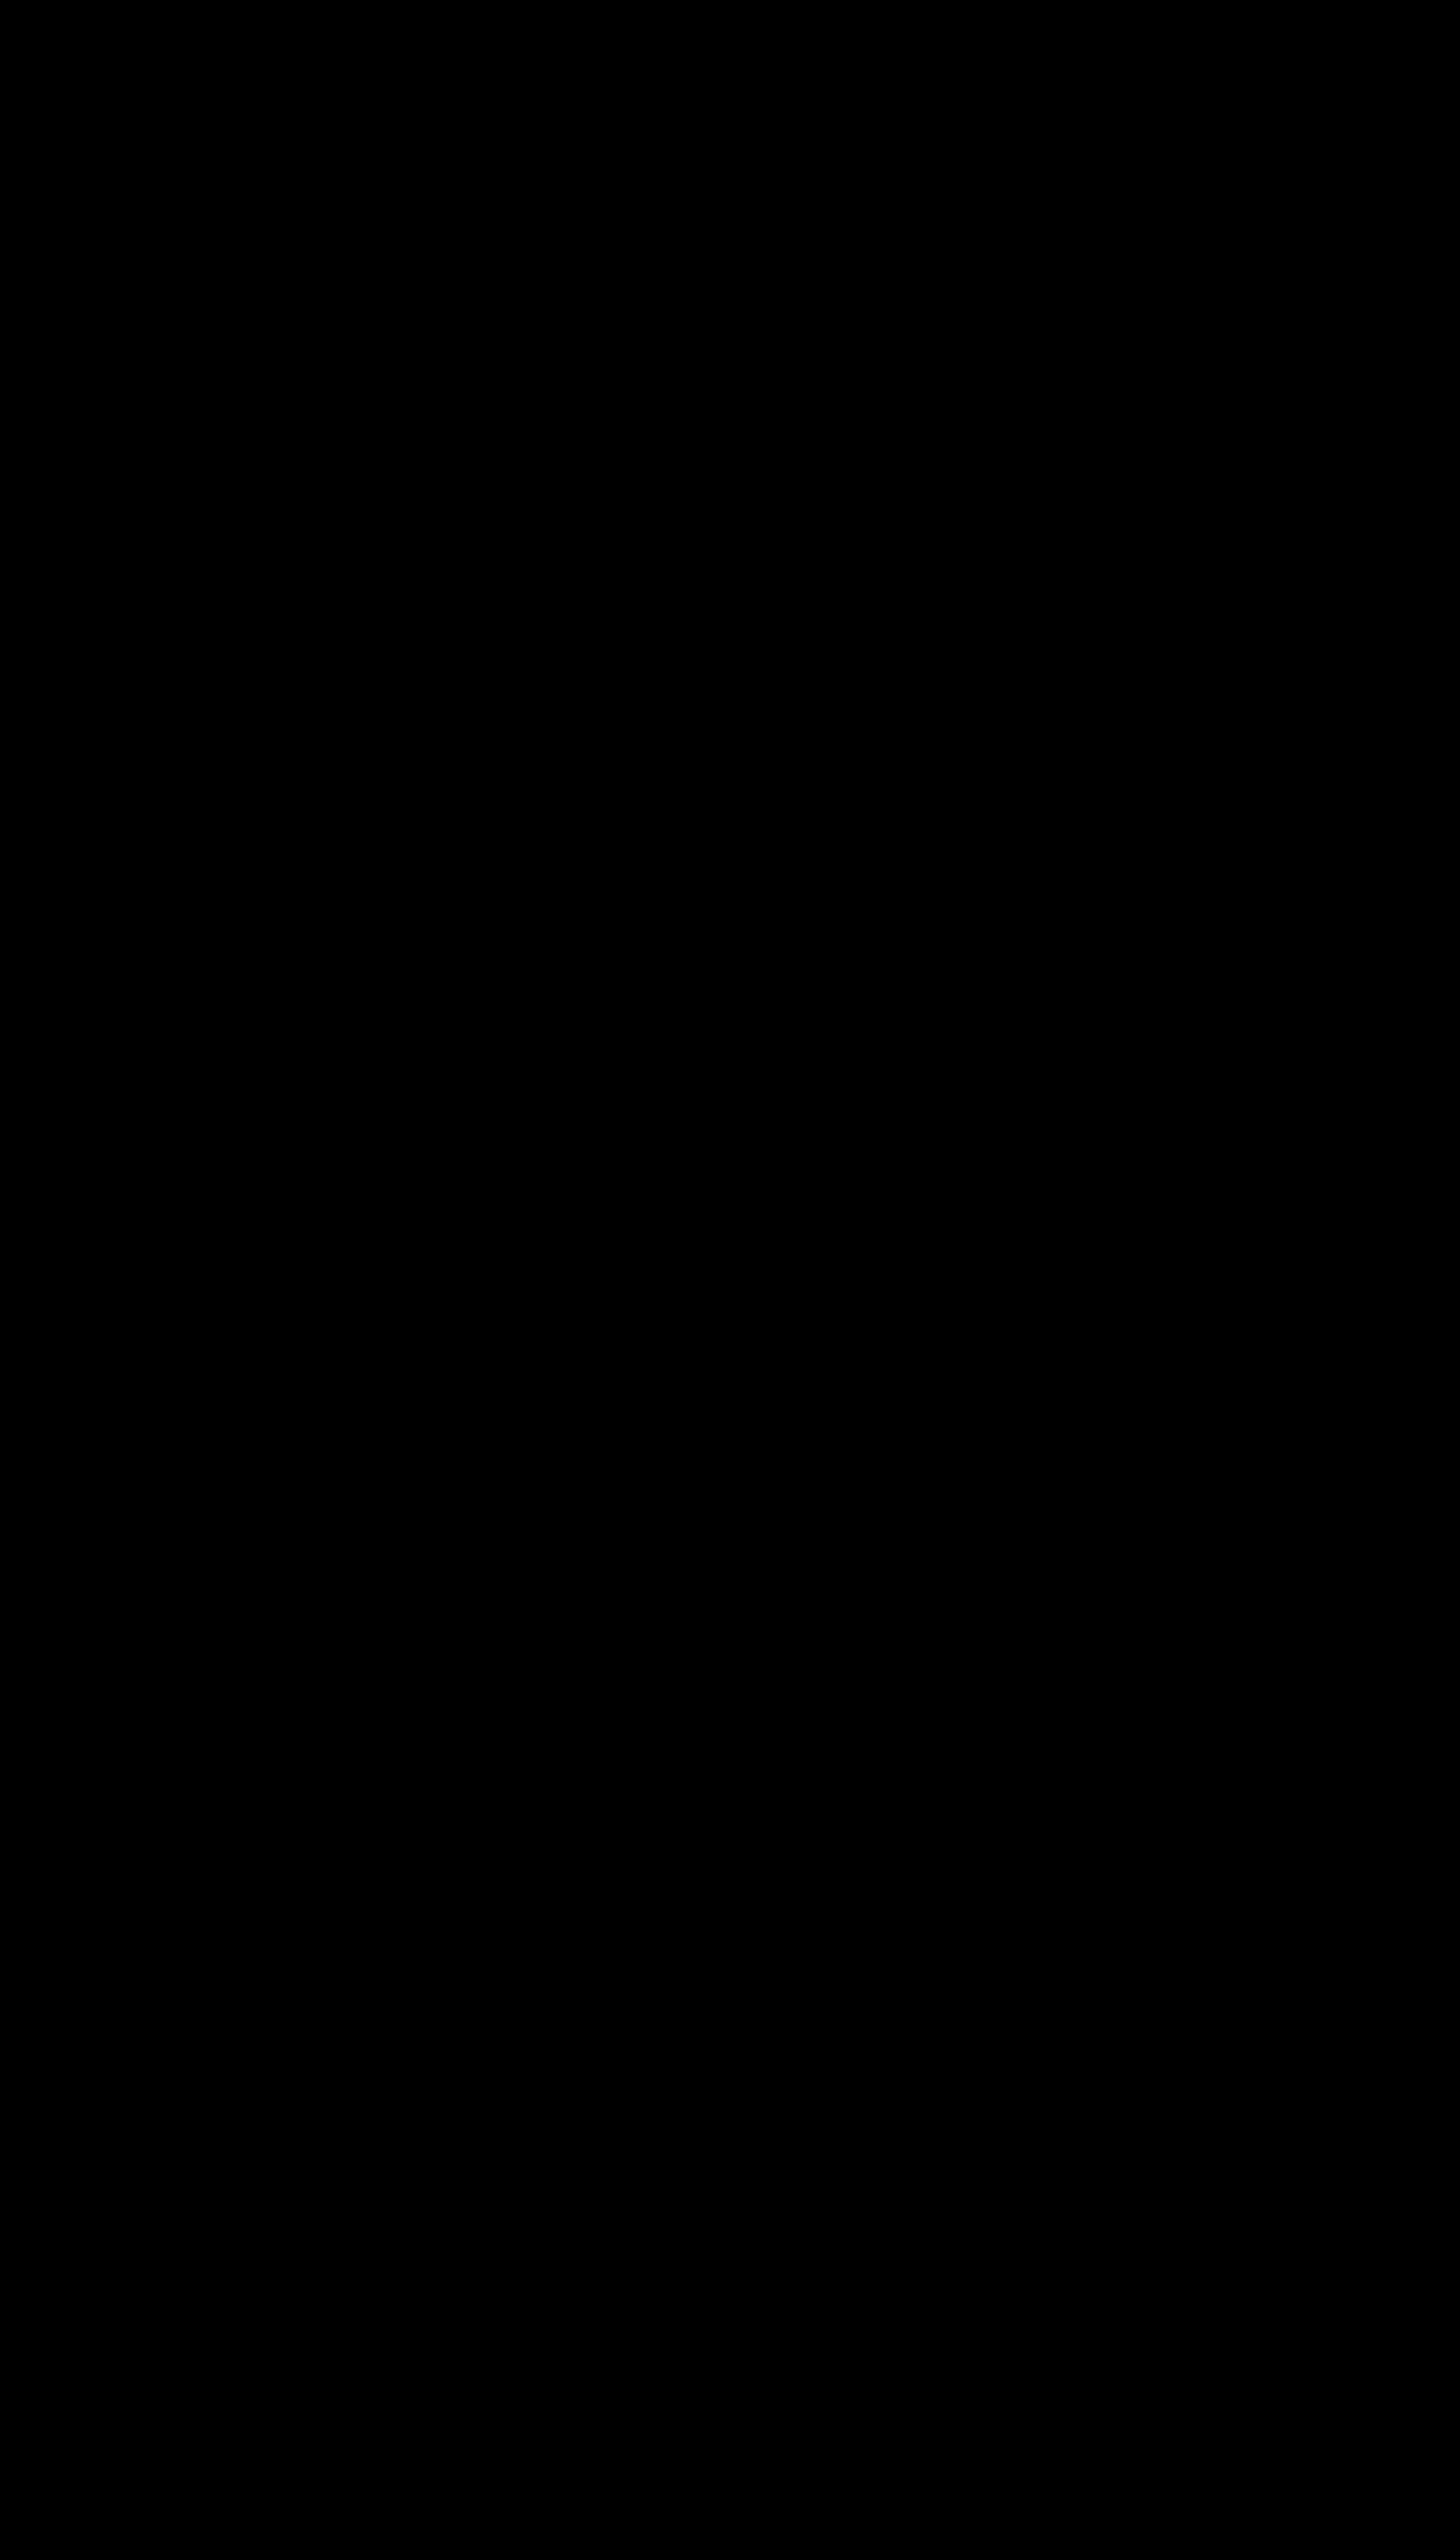 Multiplication Worksheets 4 Digit By 2 Digit 3 Levels